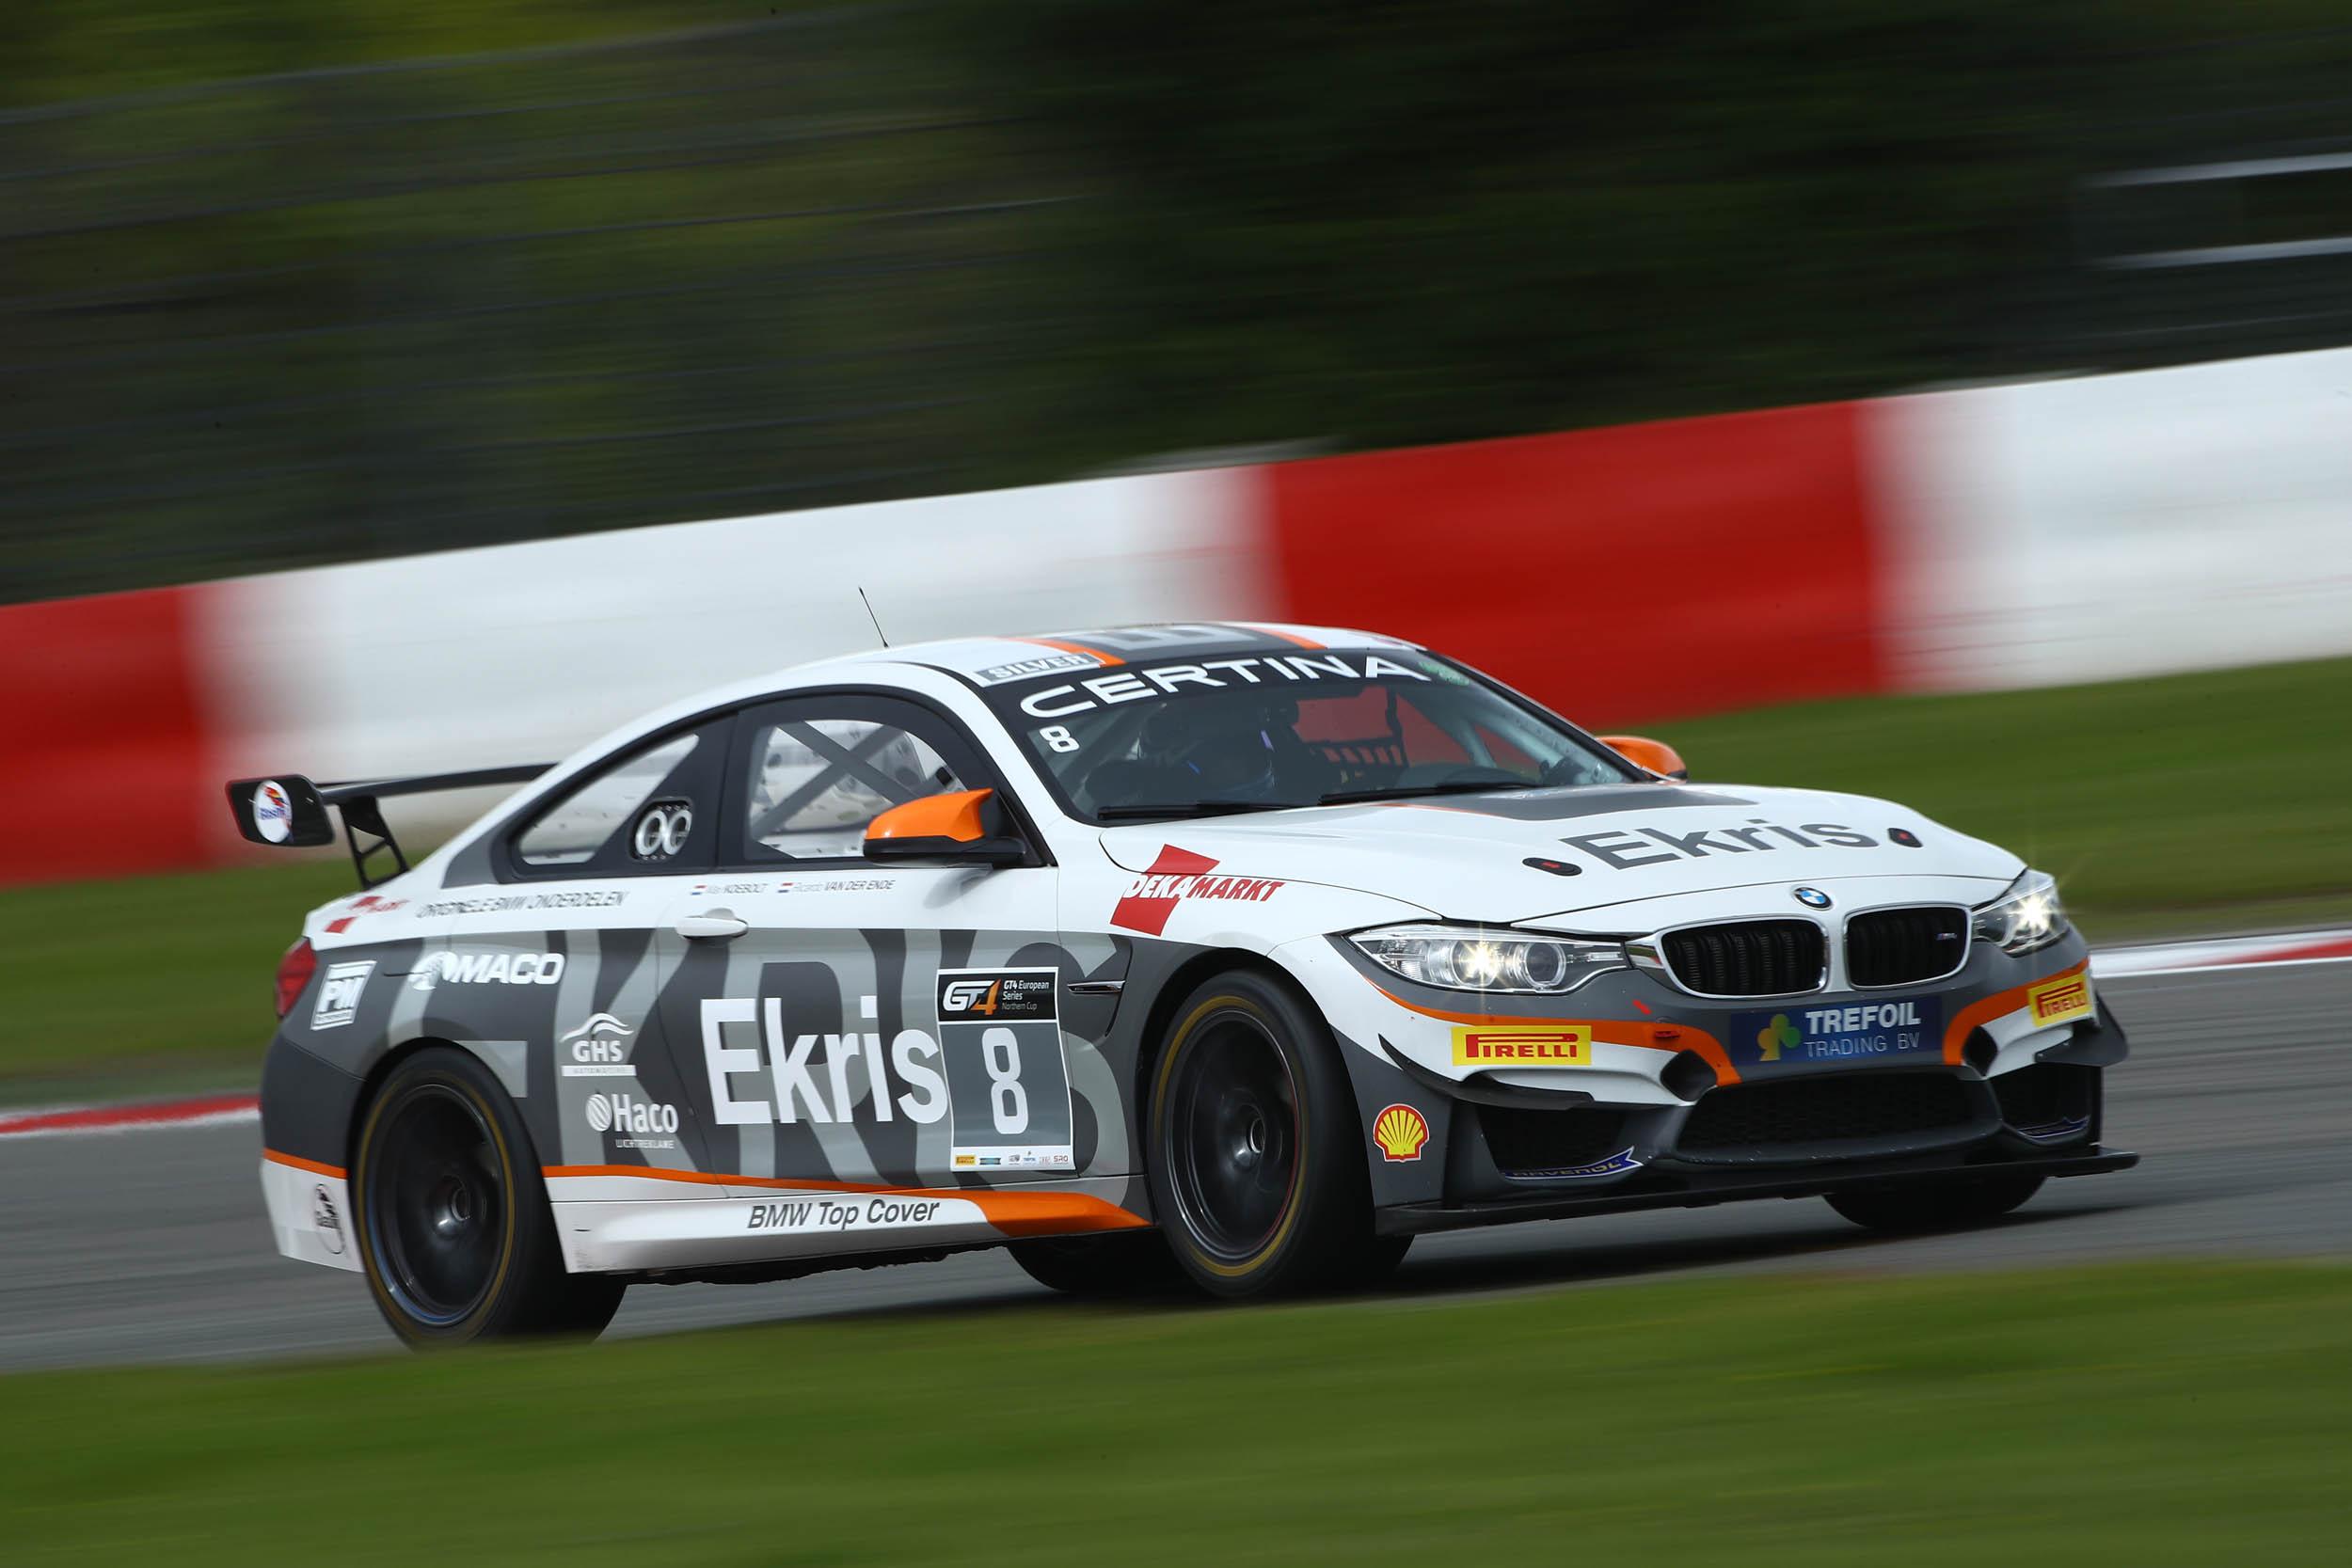 Ekris motorsport keert terug in de GT4 series met hun BMW M4 GT4 voor de race in Zandvoort